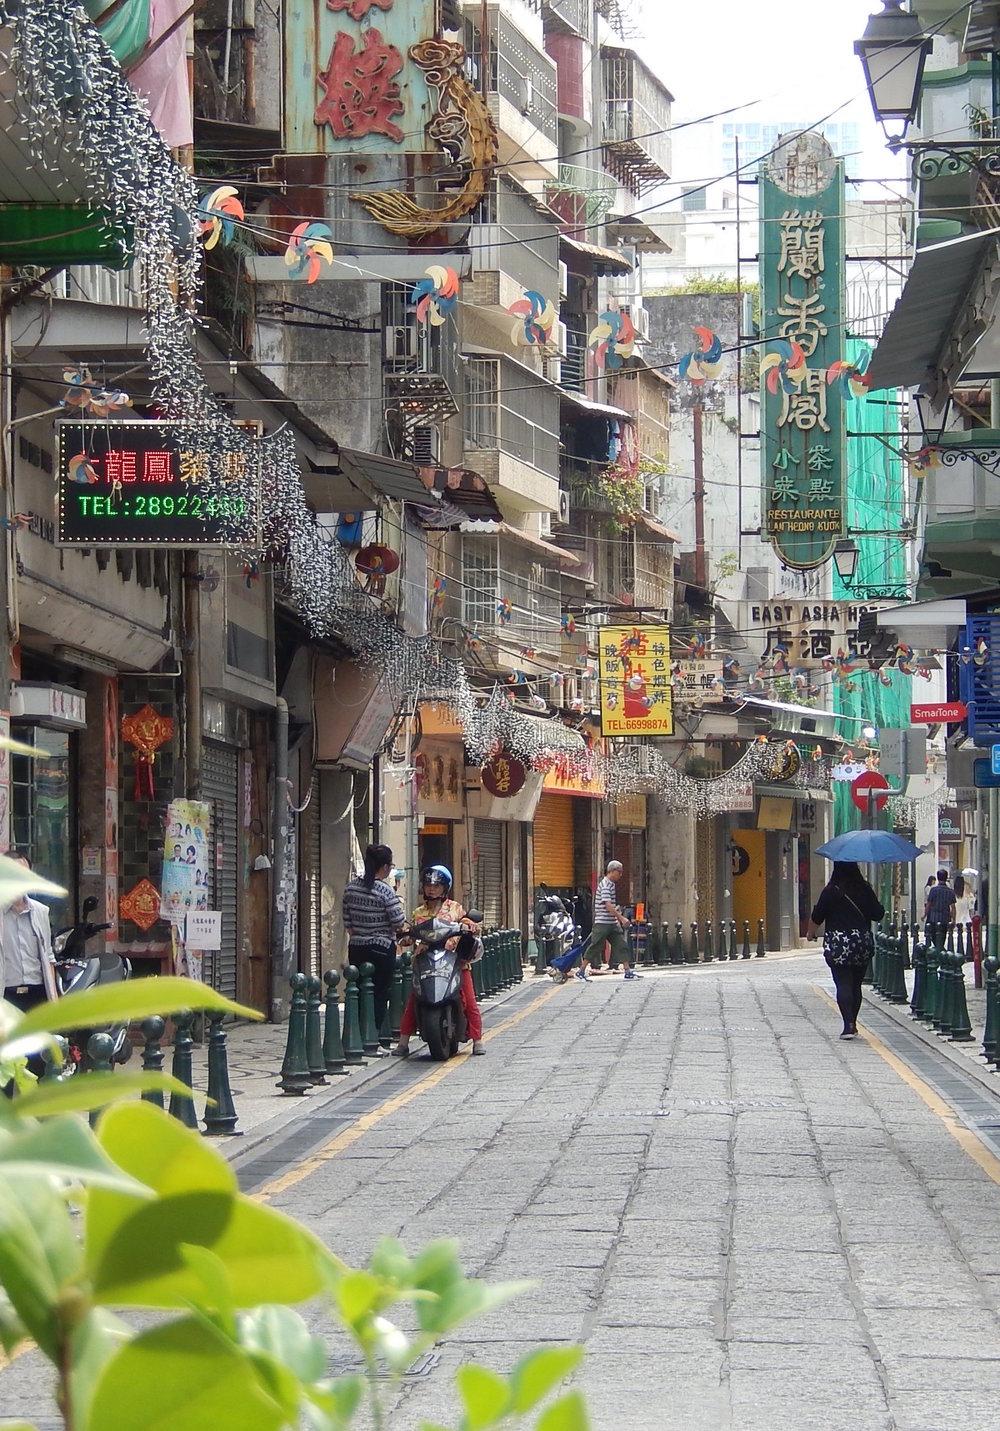 Macau back alley copy.jpg